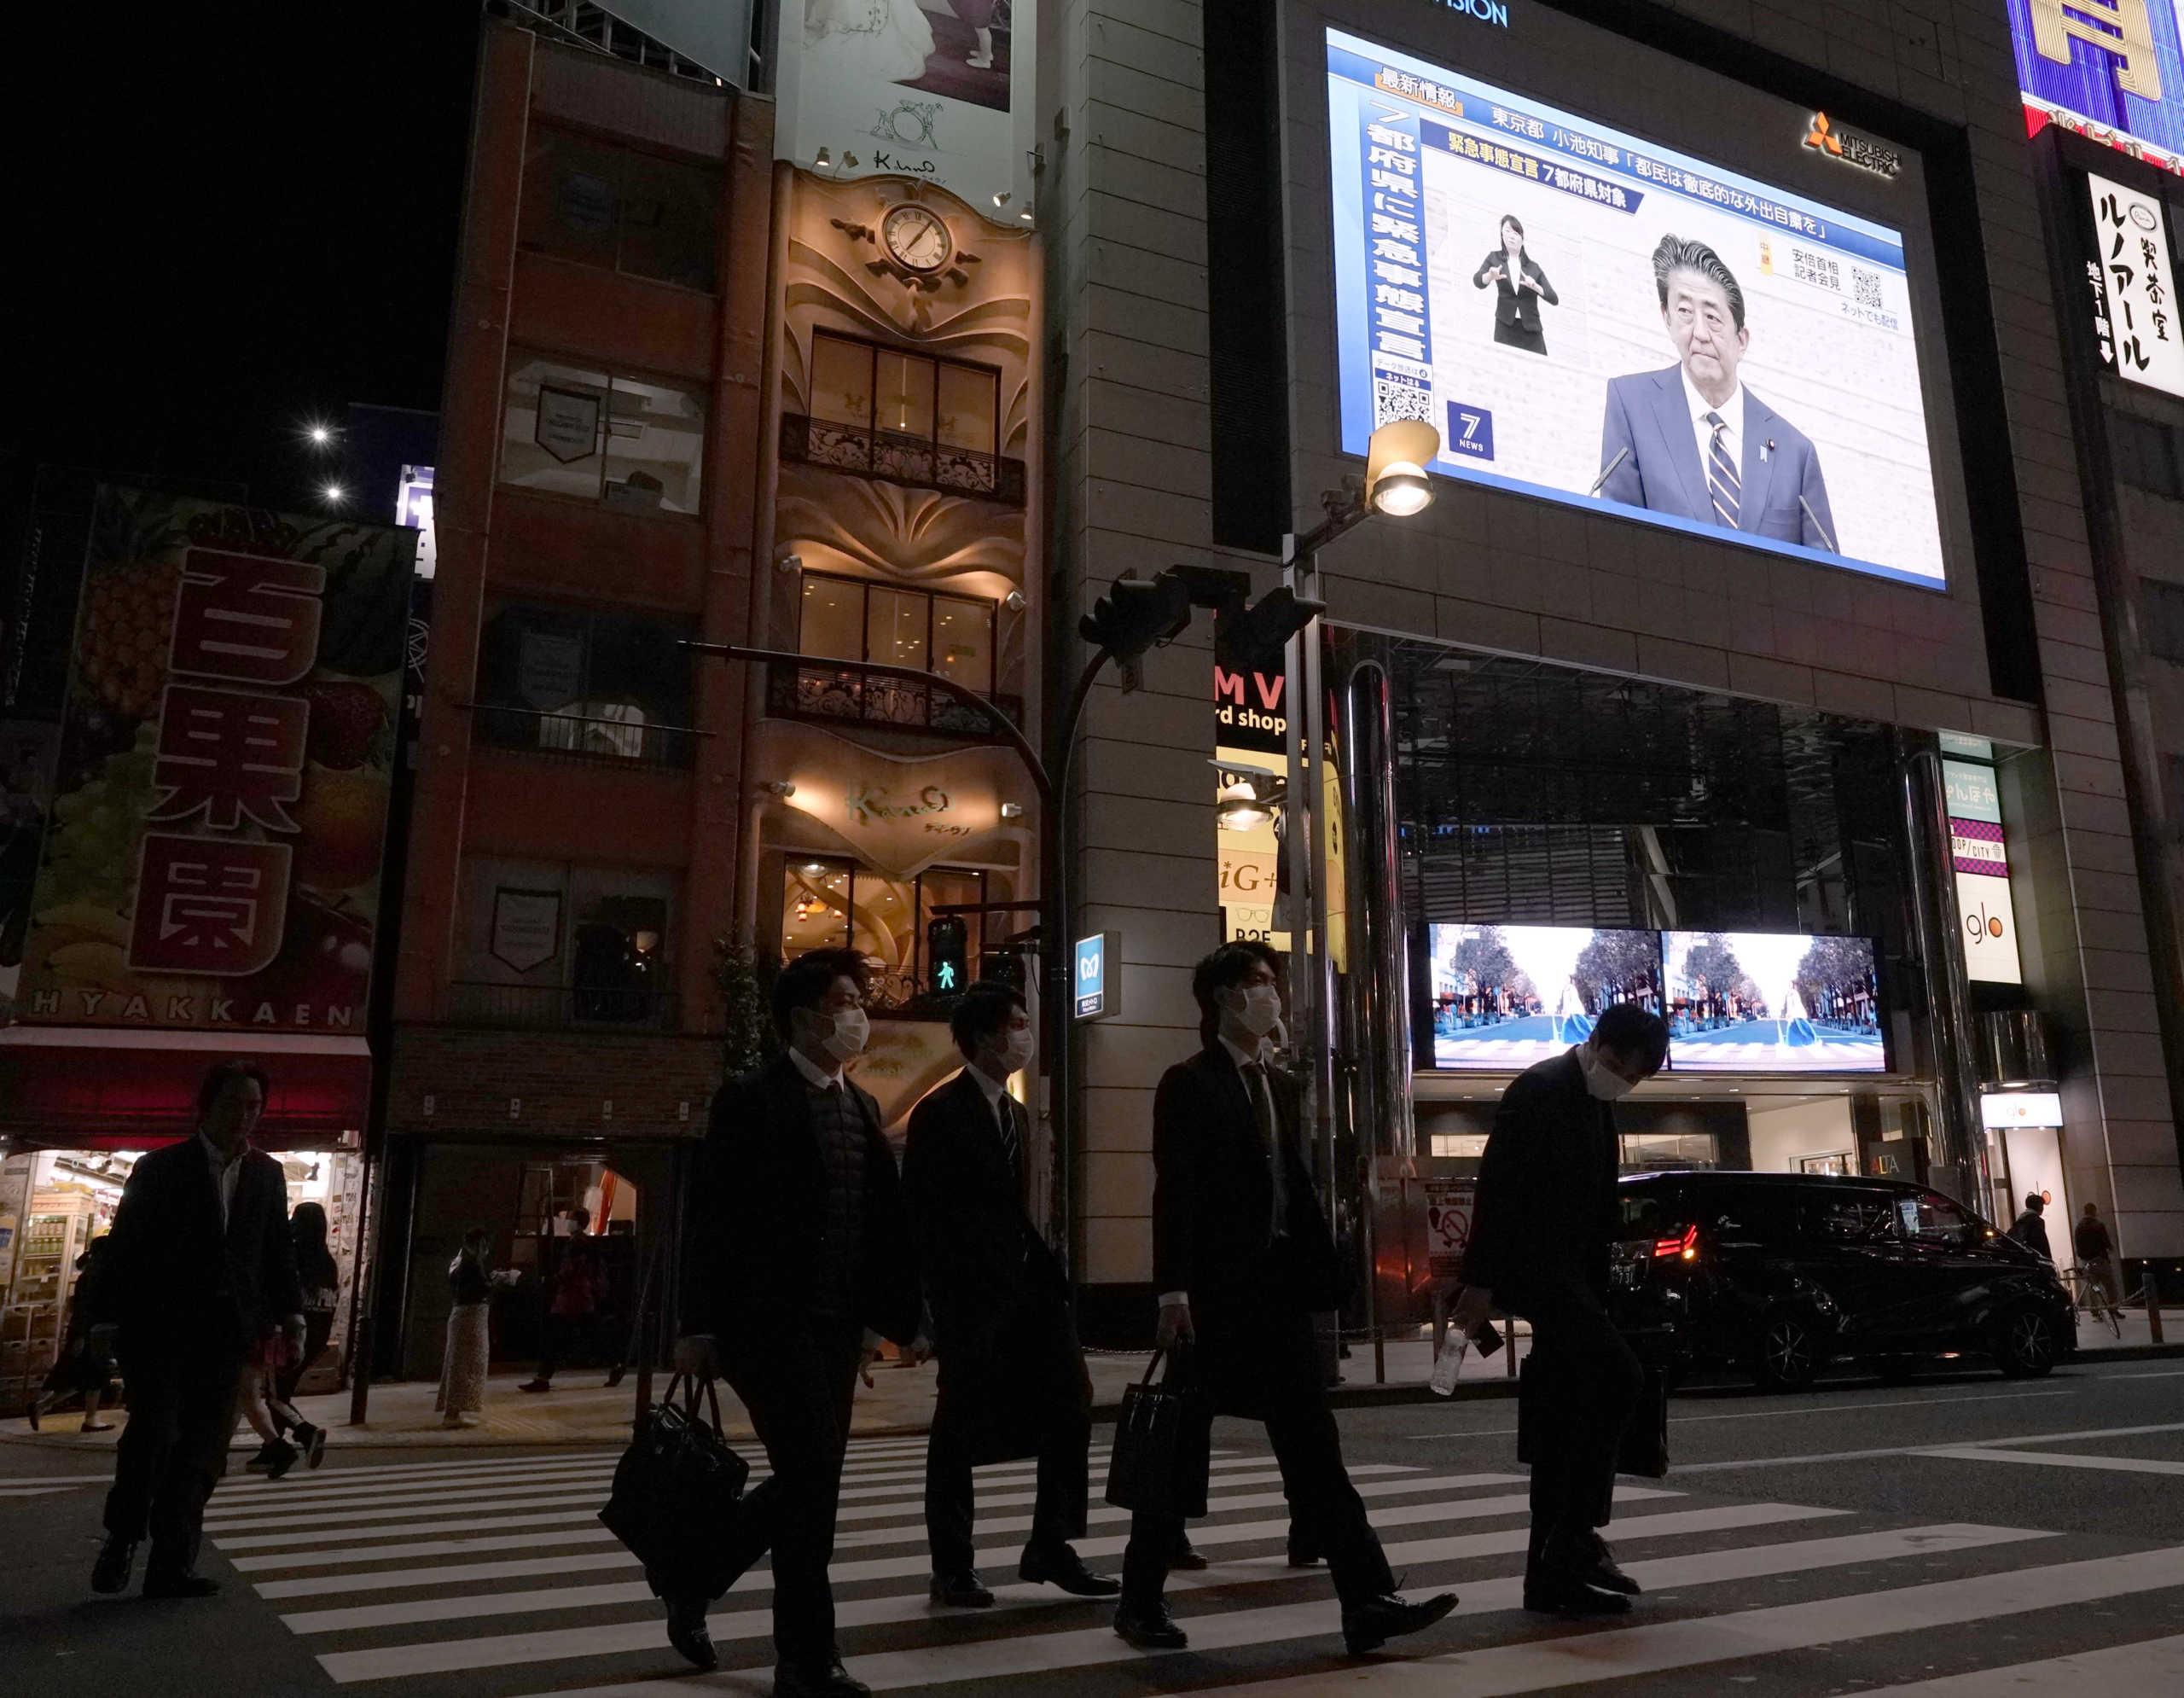 Ιαπωνία: Σε κατάσταση έκτακτης ανάγκης το Τόκιο κι άλλες έξι περιφέρειες